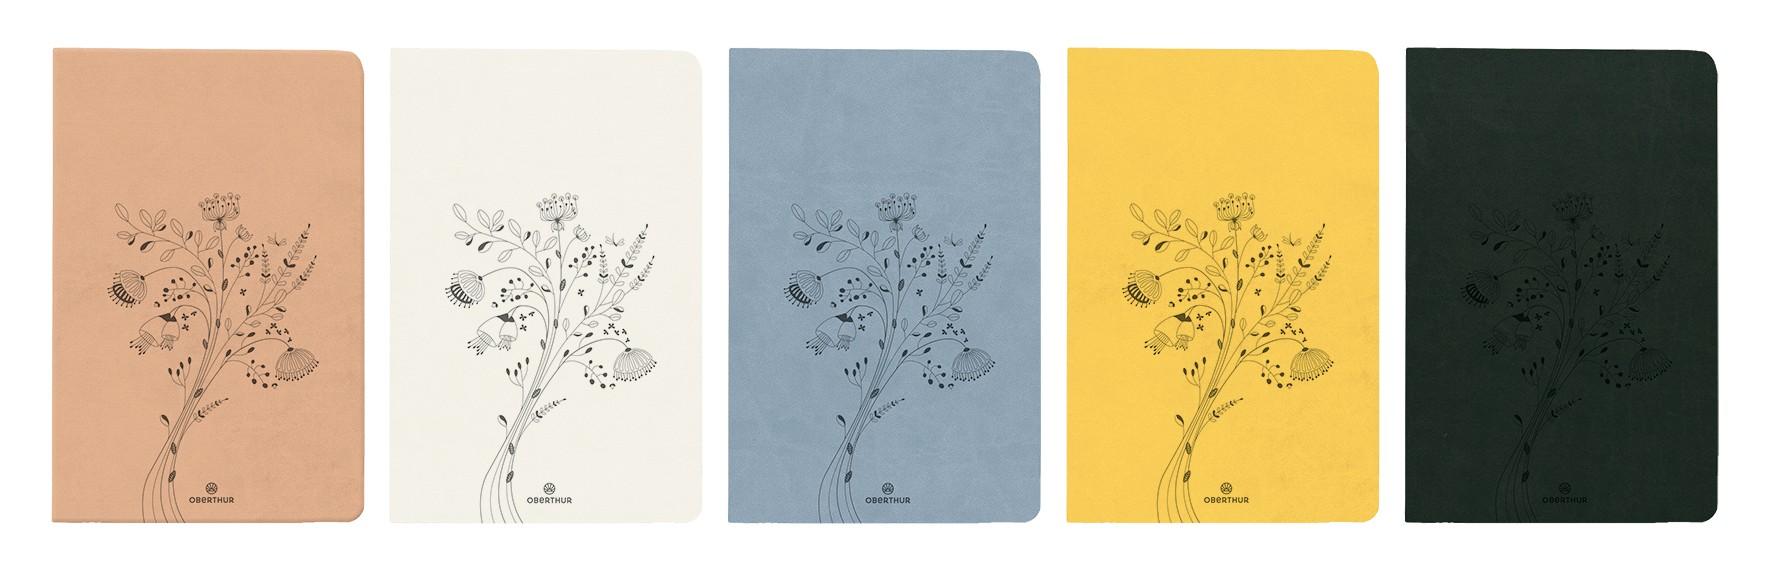 Agenda Summerside 25 - 1 semaine sur 2 pages - disponible dans différentes couleurs - Oberthur